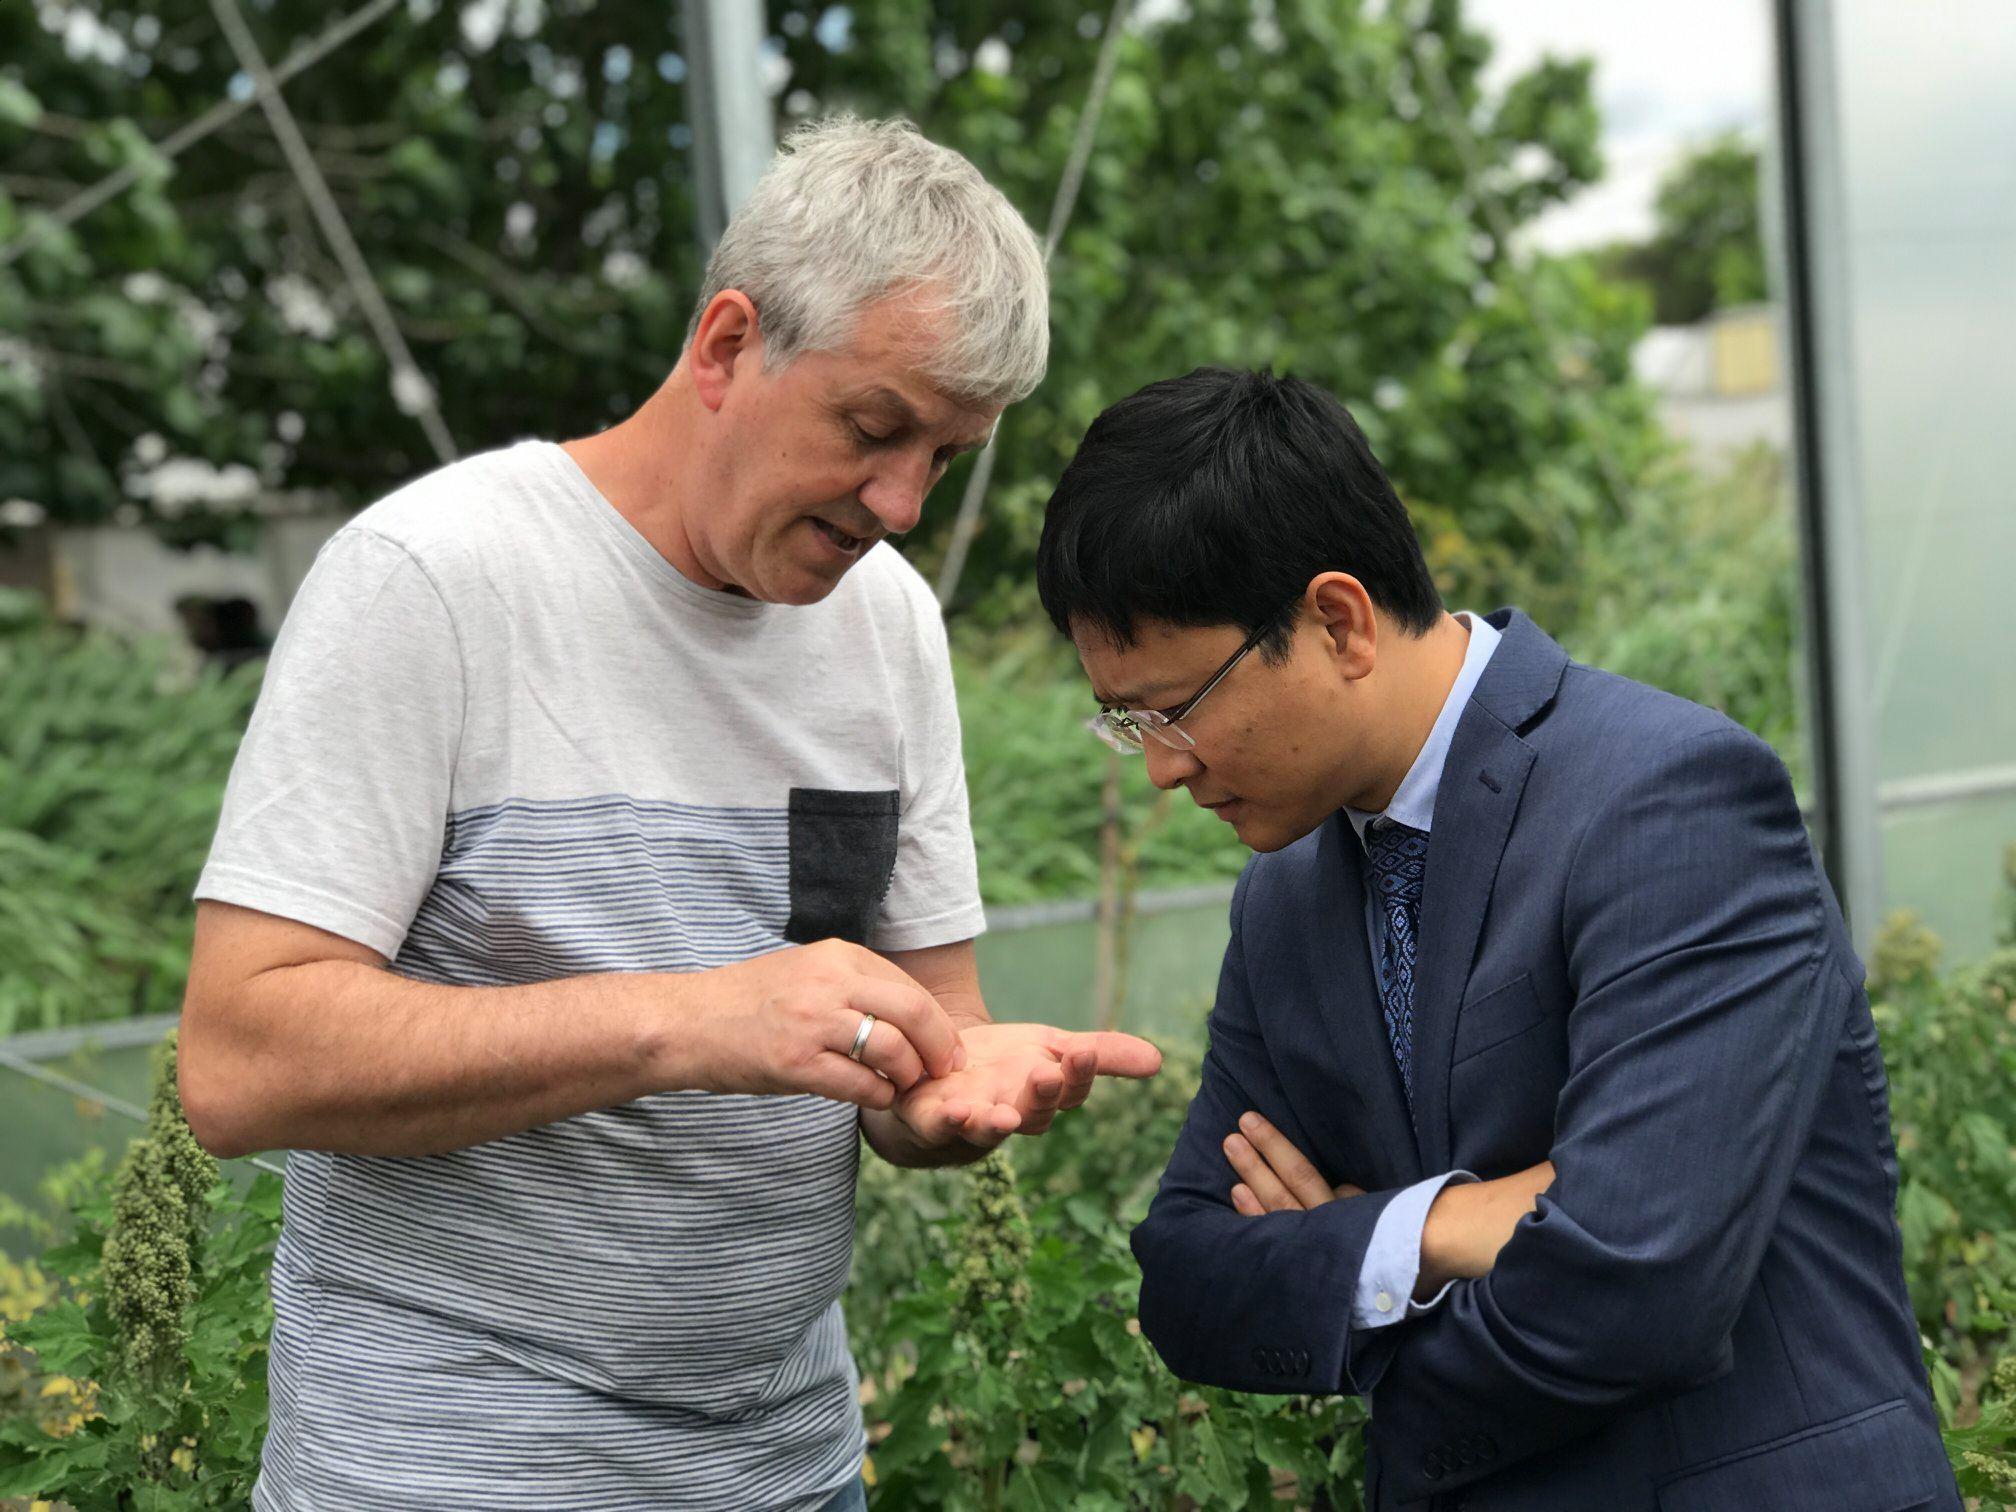 PGS.TS Nguyễn Việt Long (Học viện Nông nghiệp Việt Nam) và GS. Daniel Bertero (ĐH Buenos Aires Argentina) xem xét một trong số các giống diêm mạch trong dự án nghiên cứu. Ảnh: nhóm nghiên cứu cung cấp.